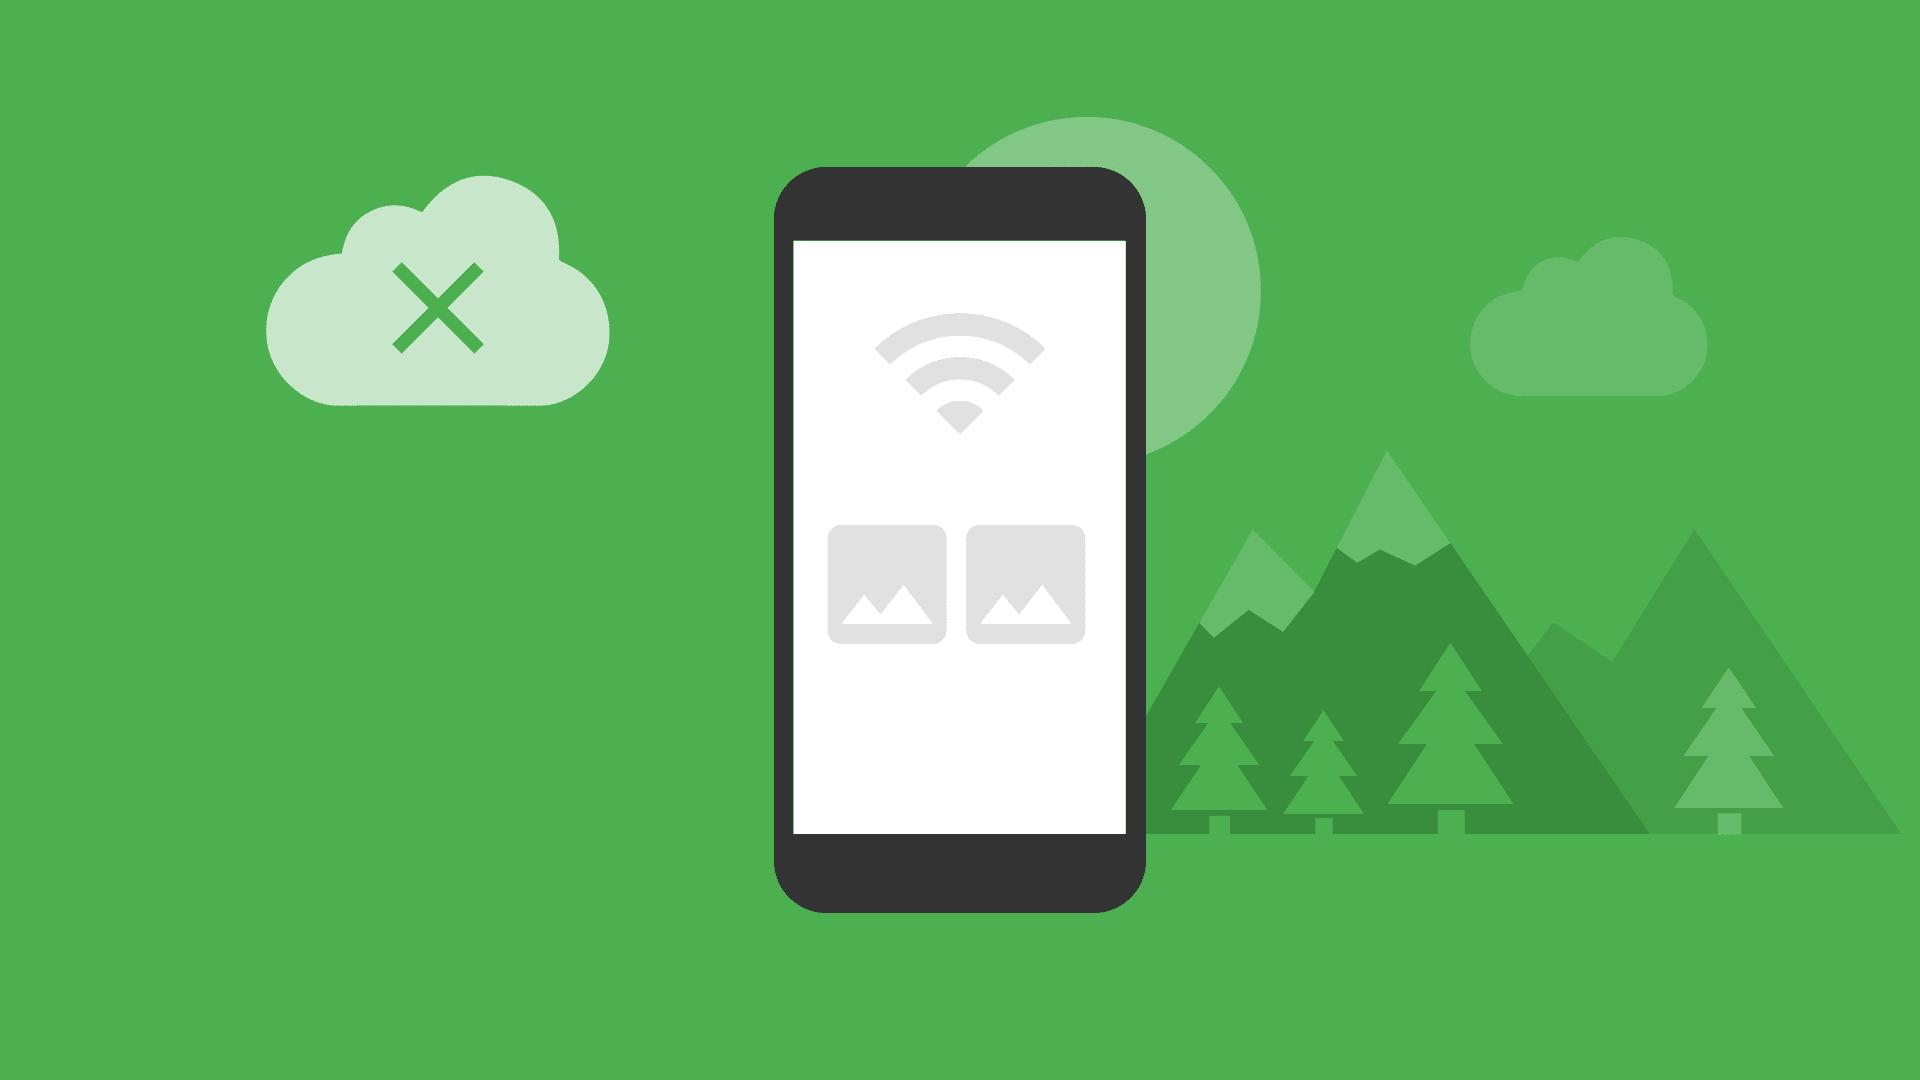 Tela do smartphone mostrando o status off-line